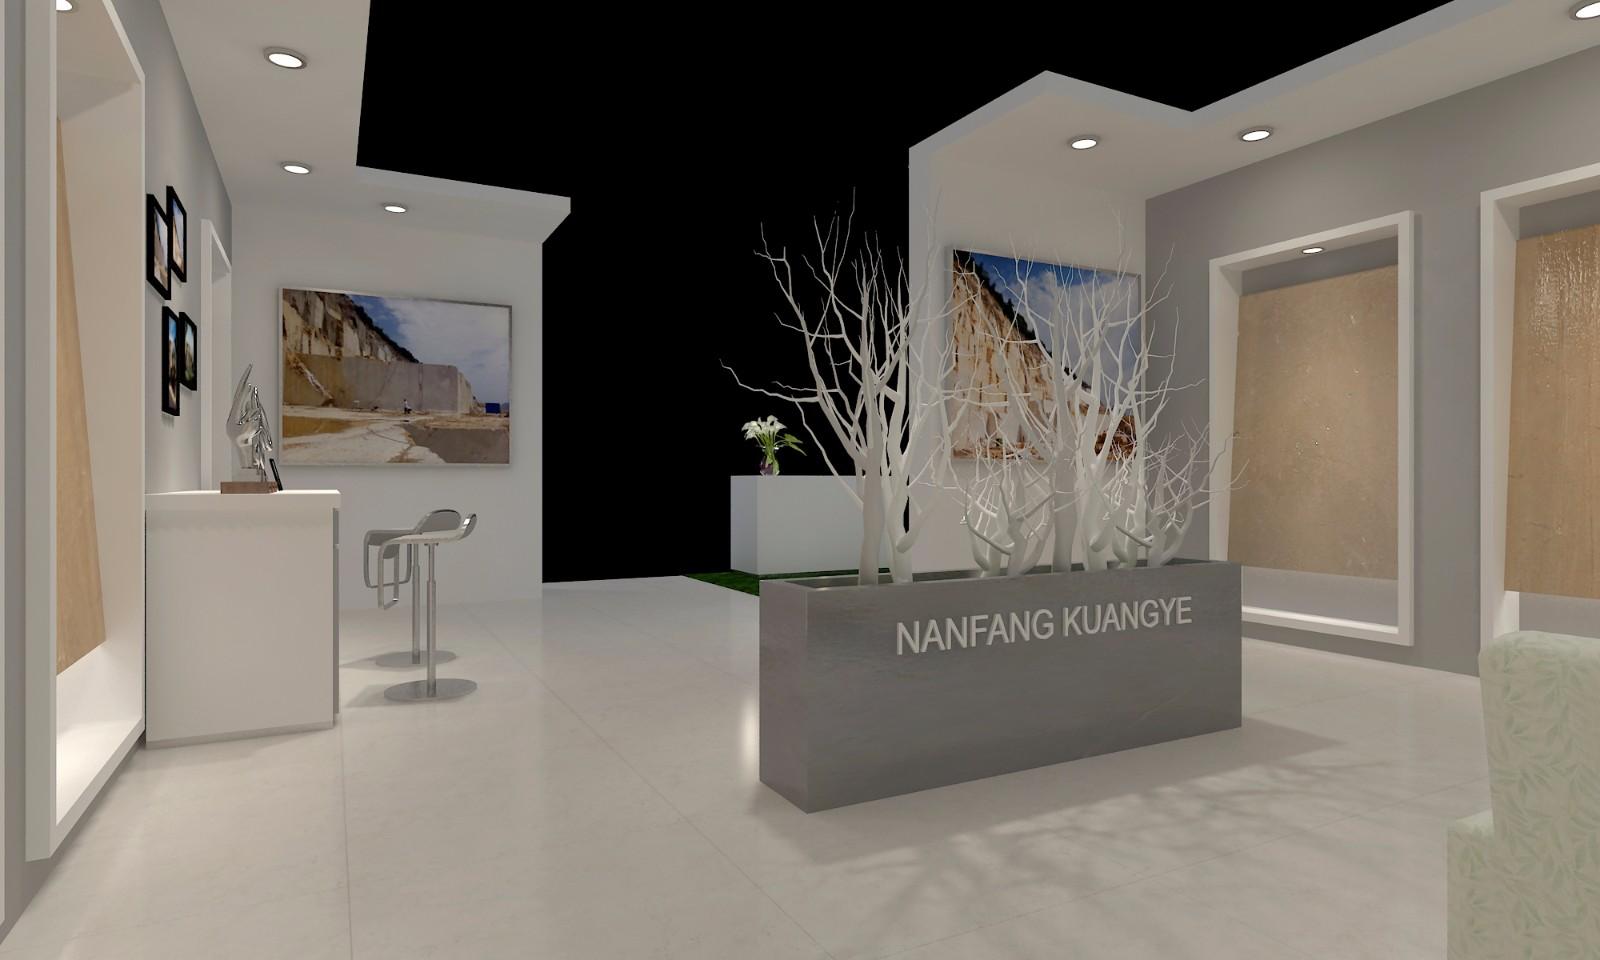 石材展-南方矿业|展览特装-厦门市嘉维世纪会展服务有限公司